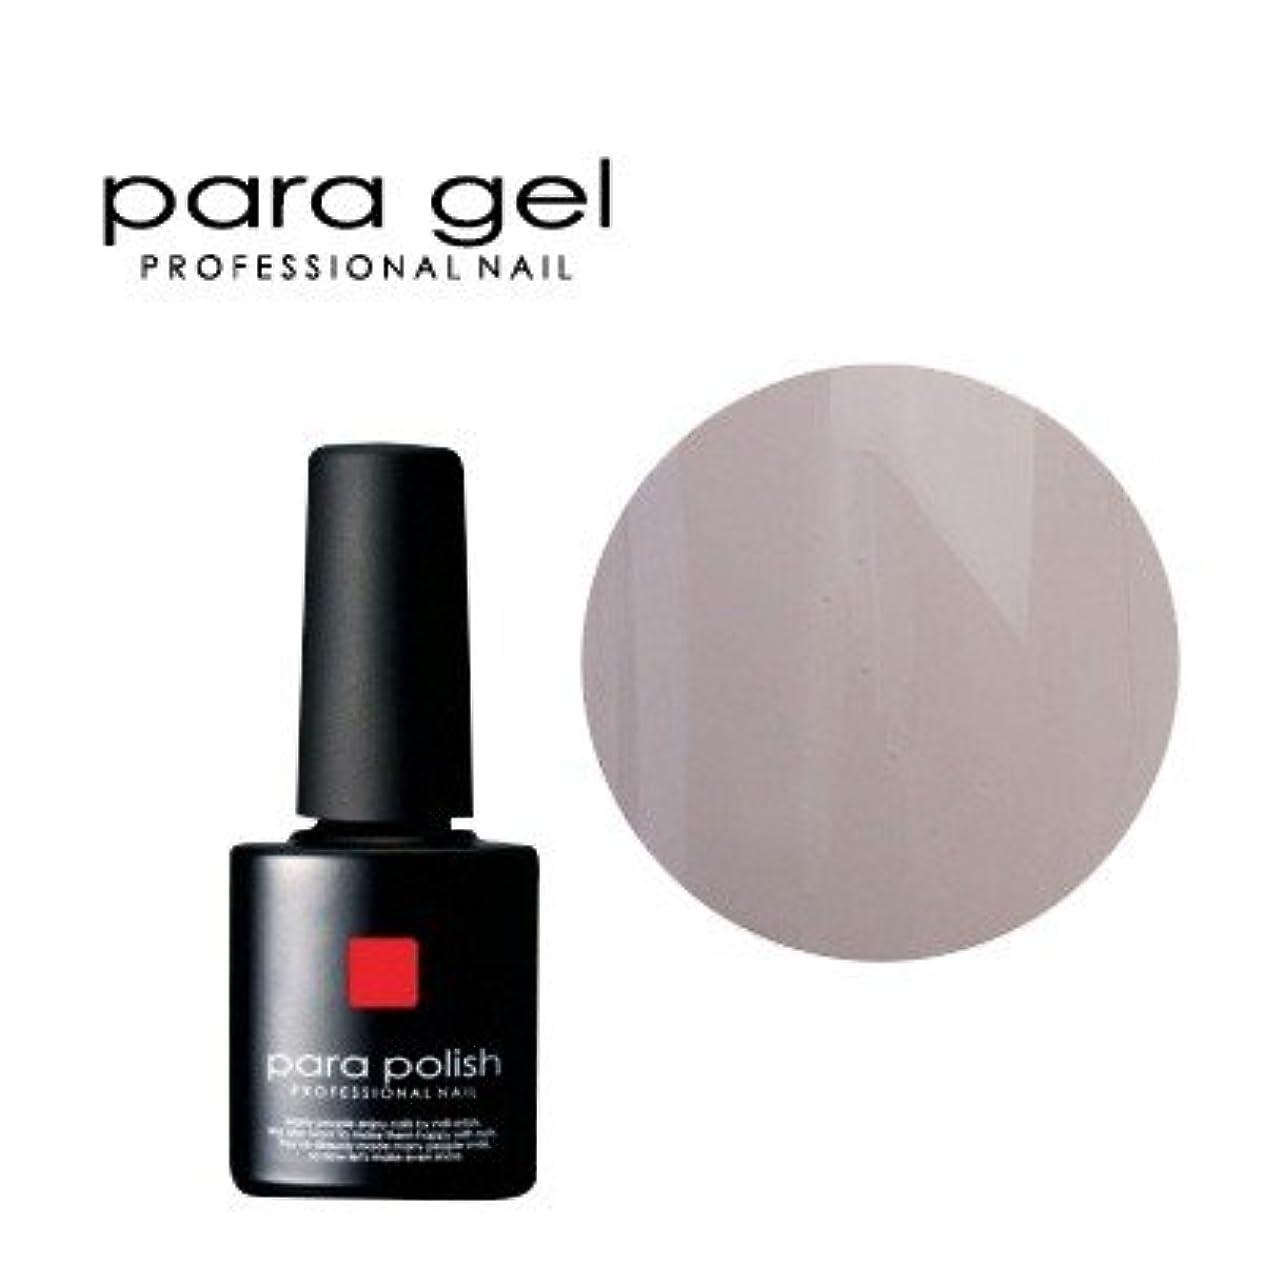 犯罪くすぐったいパレードパラジェル para polish(パラポリッシュ) カラージェル MD10 グレージュ 7g